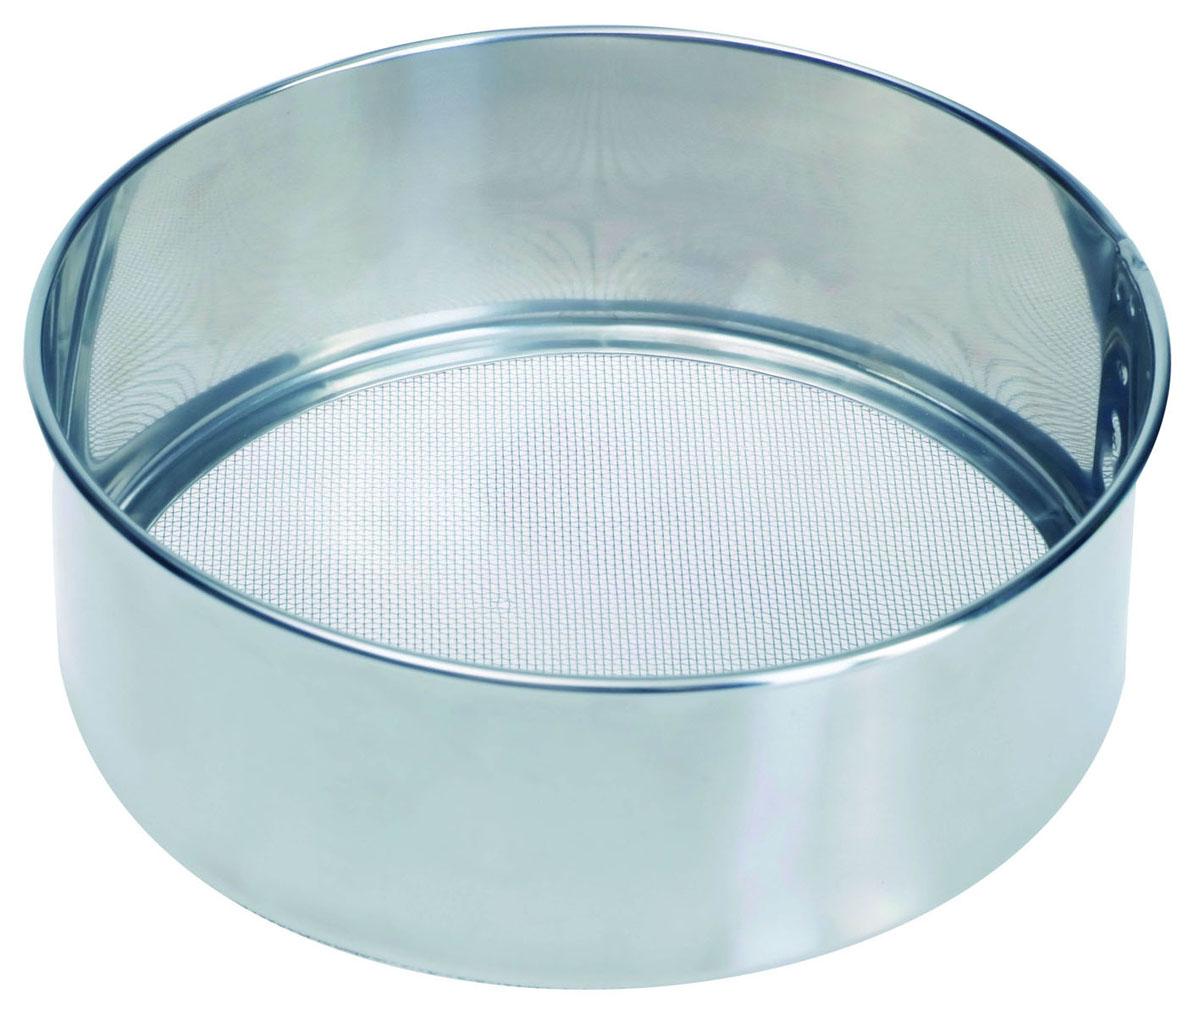 Сито Pronto. Диаметр 16 см115510Сито Linea Pronto, выполненное из высококачественной нержавеющей стали, станет незаменимым аксессуаром на вашей кухне. Оно предназначено для просеивания муки и процеживания. Прочная стальная сетка и корпус обеспечивают изделию износостойкость и долговечность.Такое сито станет достойным дополнением к кухонному инвентарю. Характеристики:Материал: нержавеющая сталь.Диаметр: 16 см.Высота стенок: 5 см.Артикул: 93-PRO-32-16.